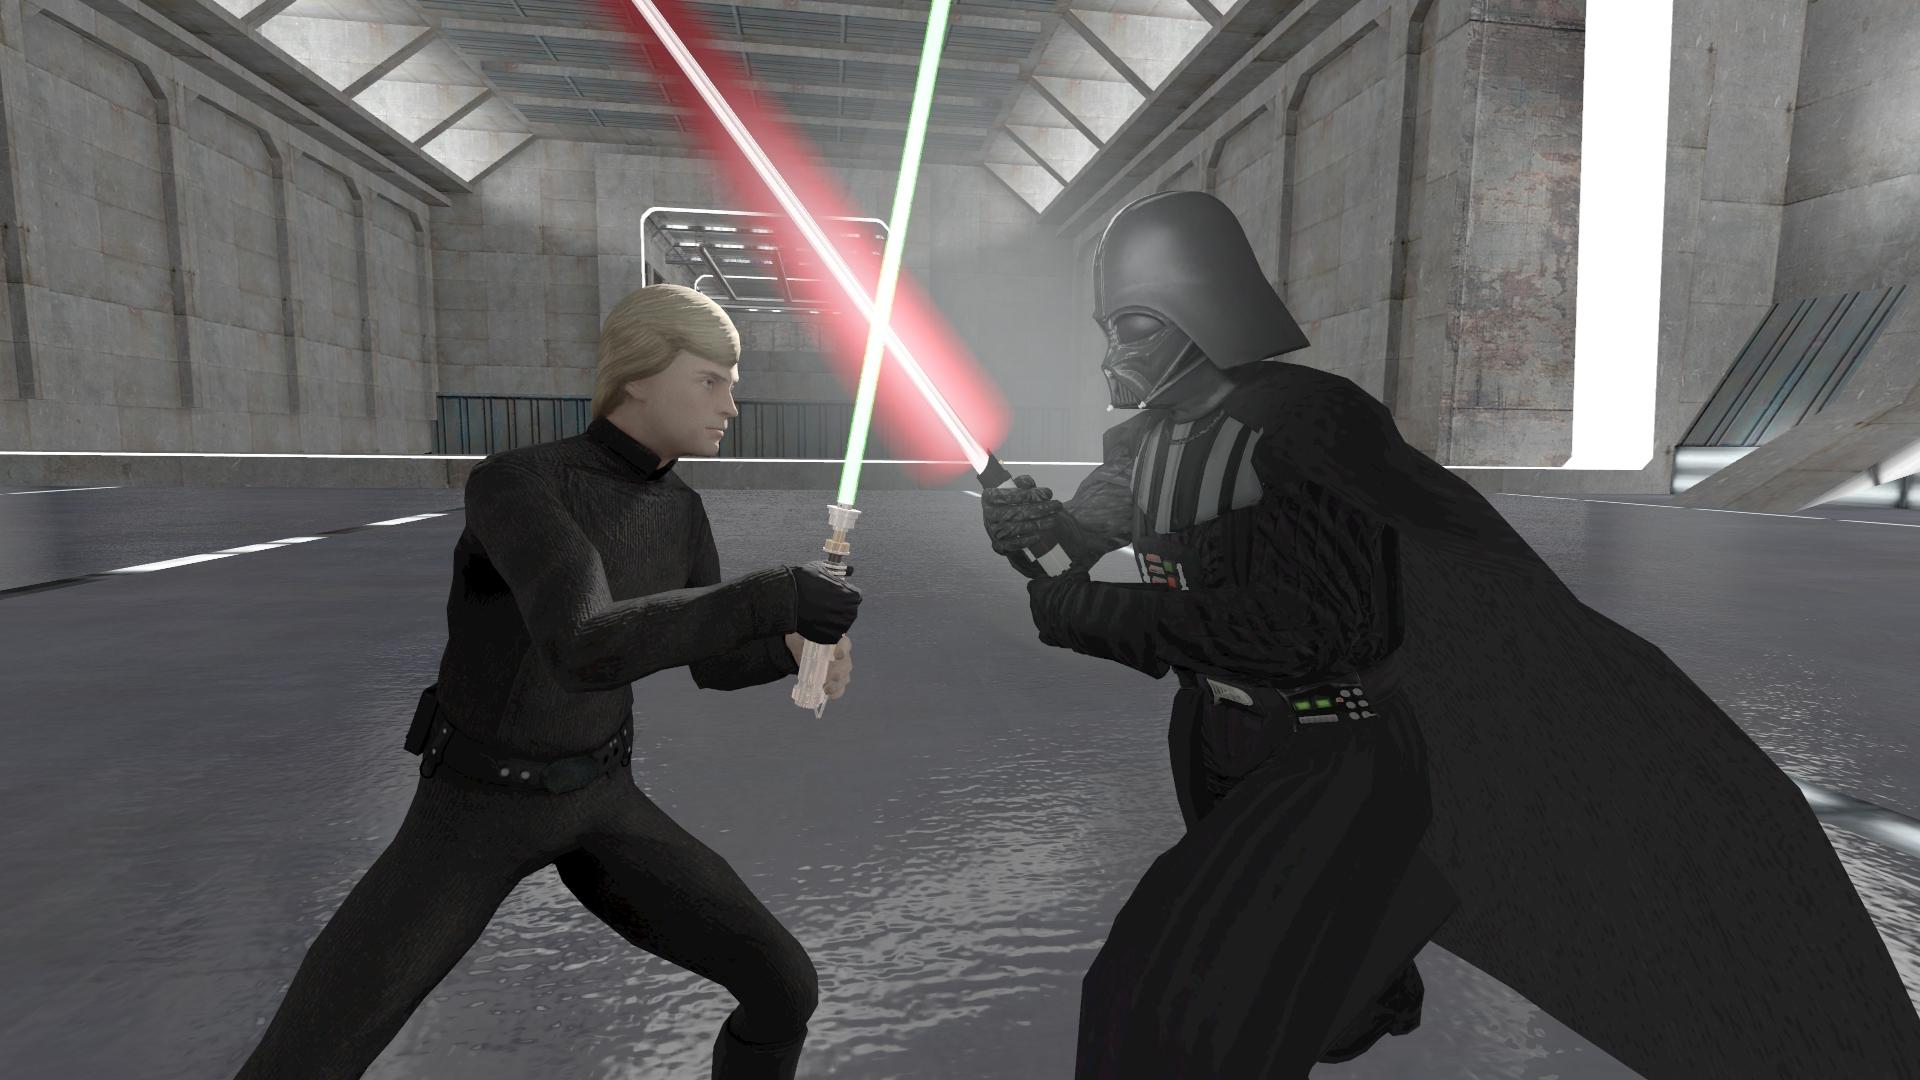 Luke Skywalker Vs Darth Vader By Kongzillarex619 On Deviantart